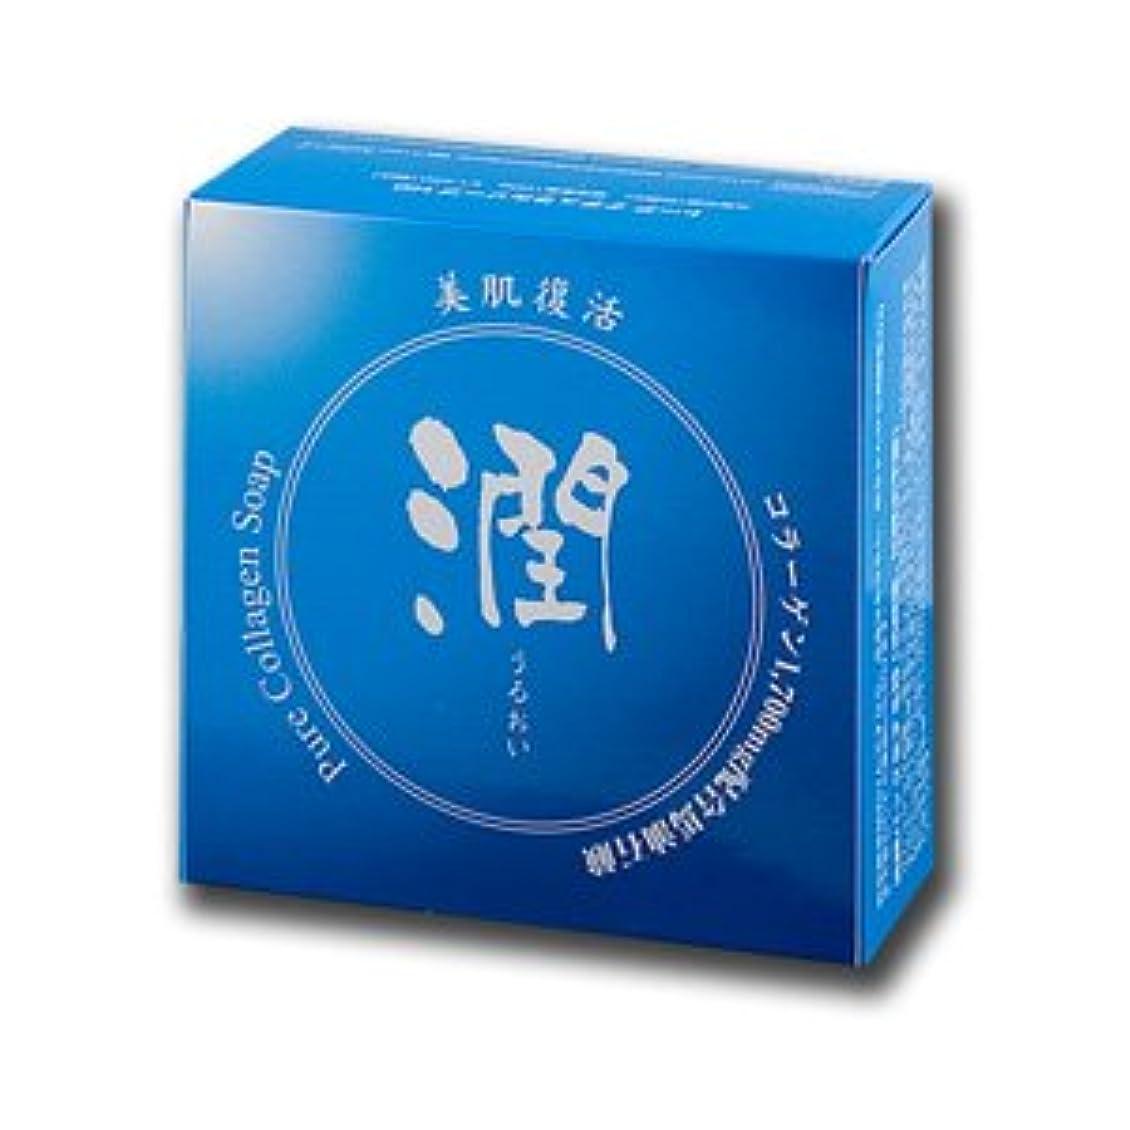 不愉快不公平リップコラーゲン馬油石鹸 潤 100g (#800410) ×6個セット